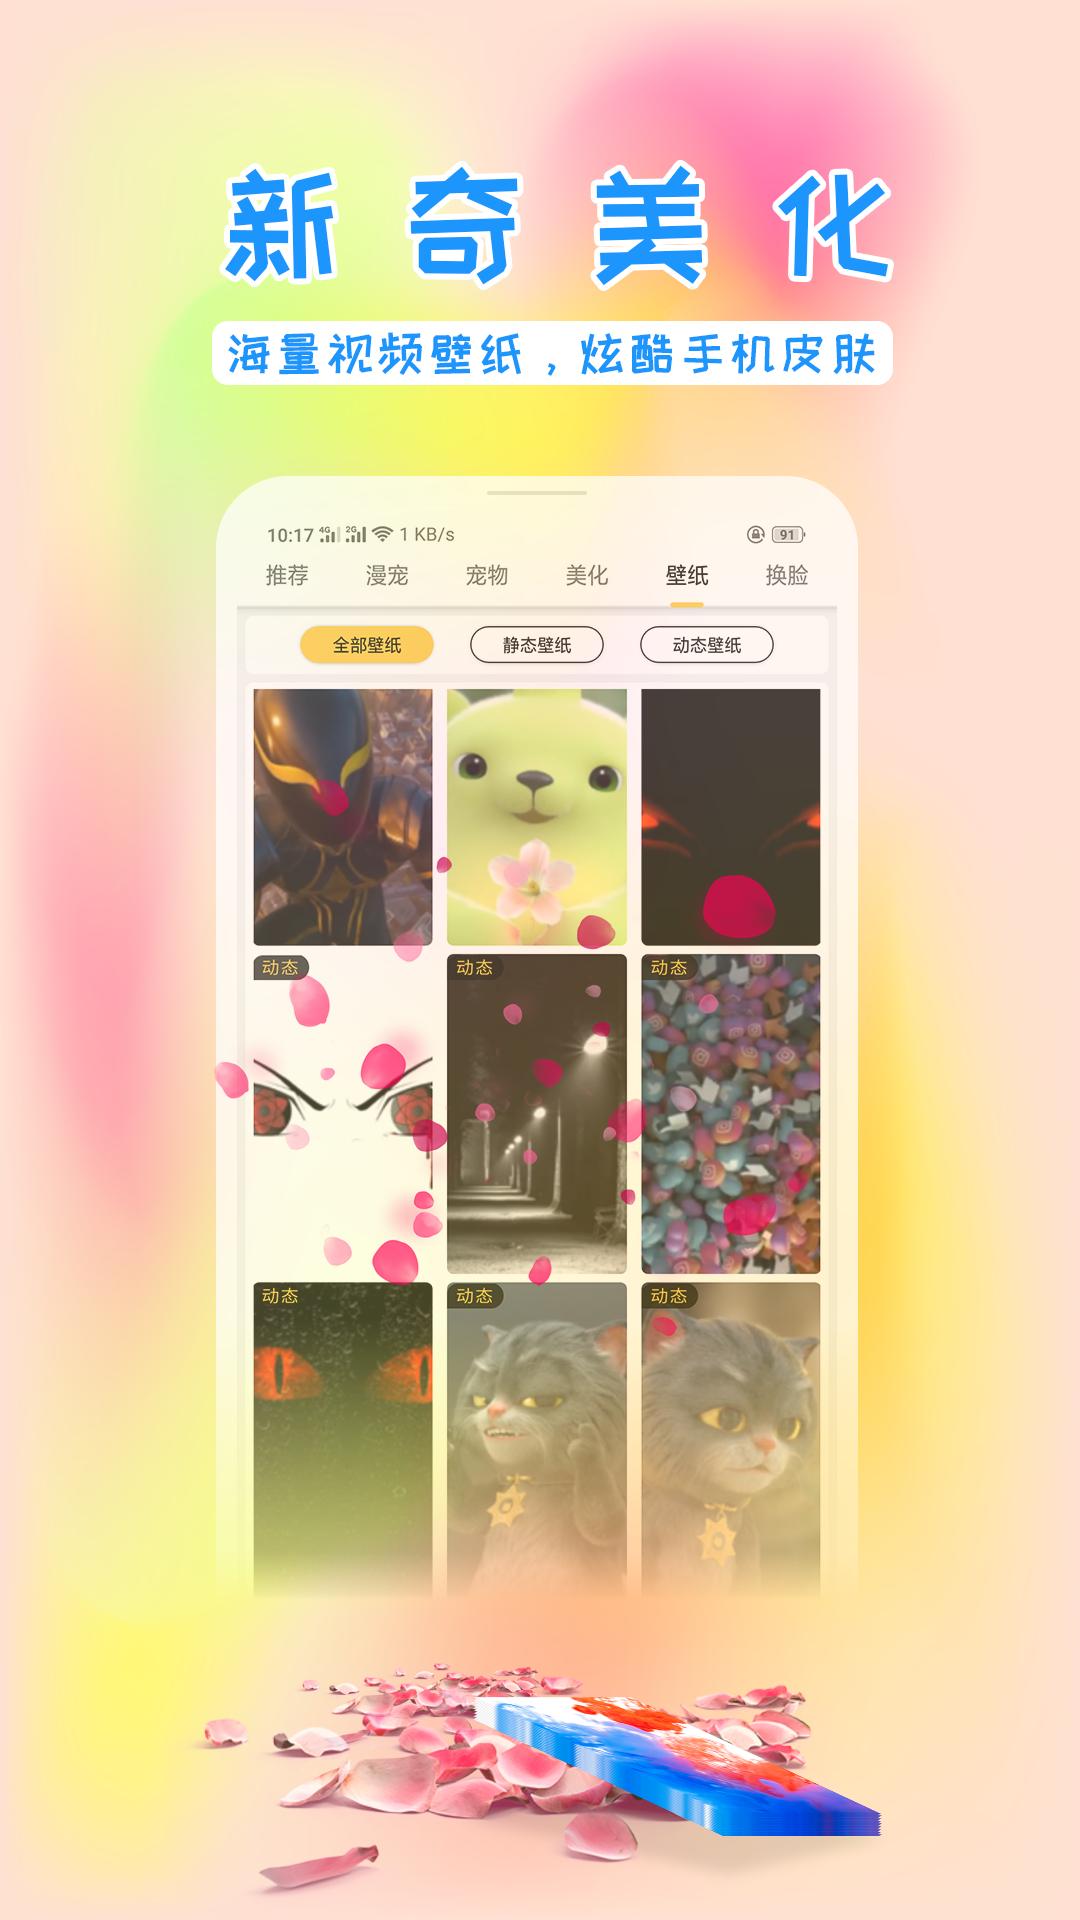 咪萌桌面宠物软件截图4